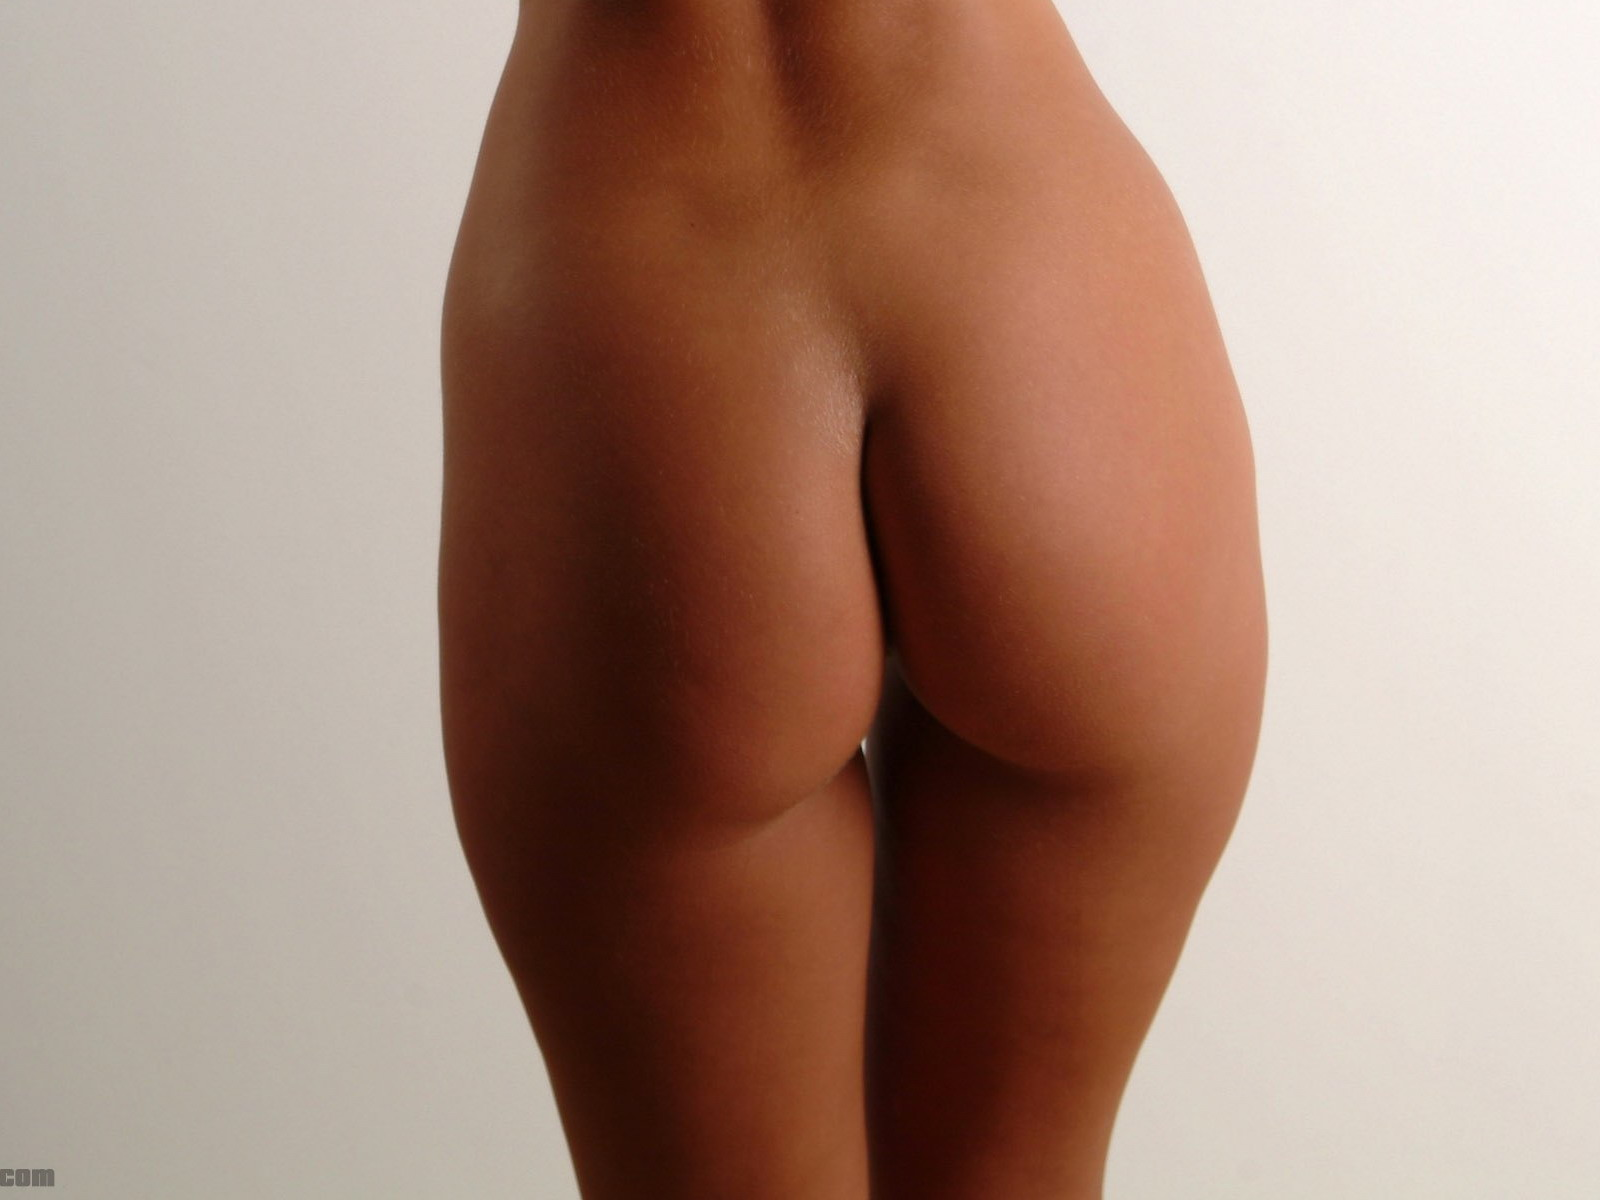 Самые красивые голые задницы мира 27 фотография